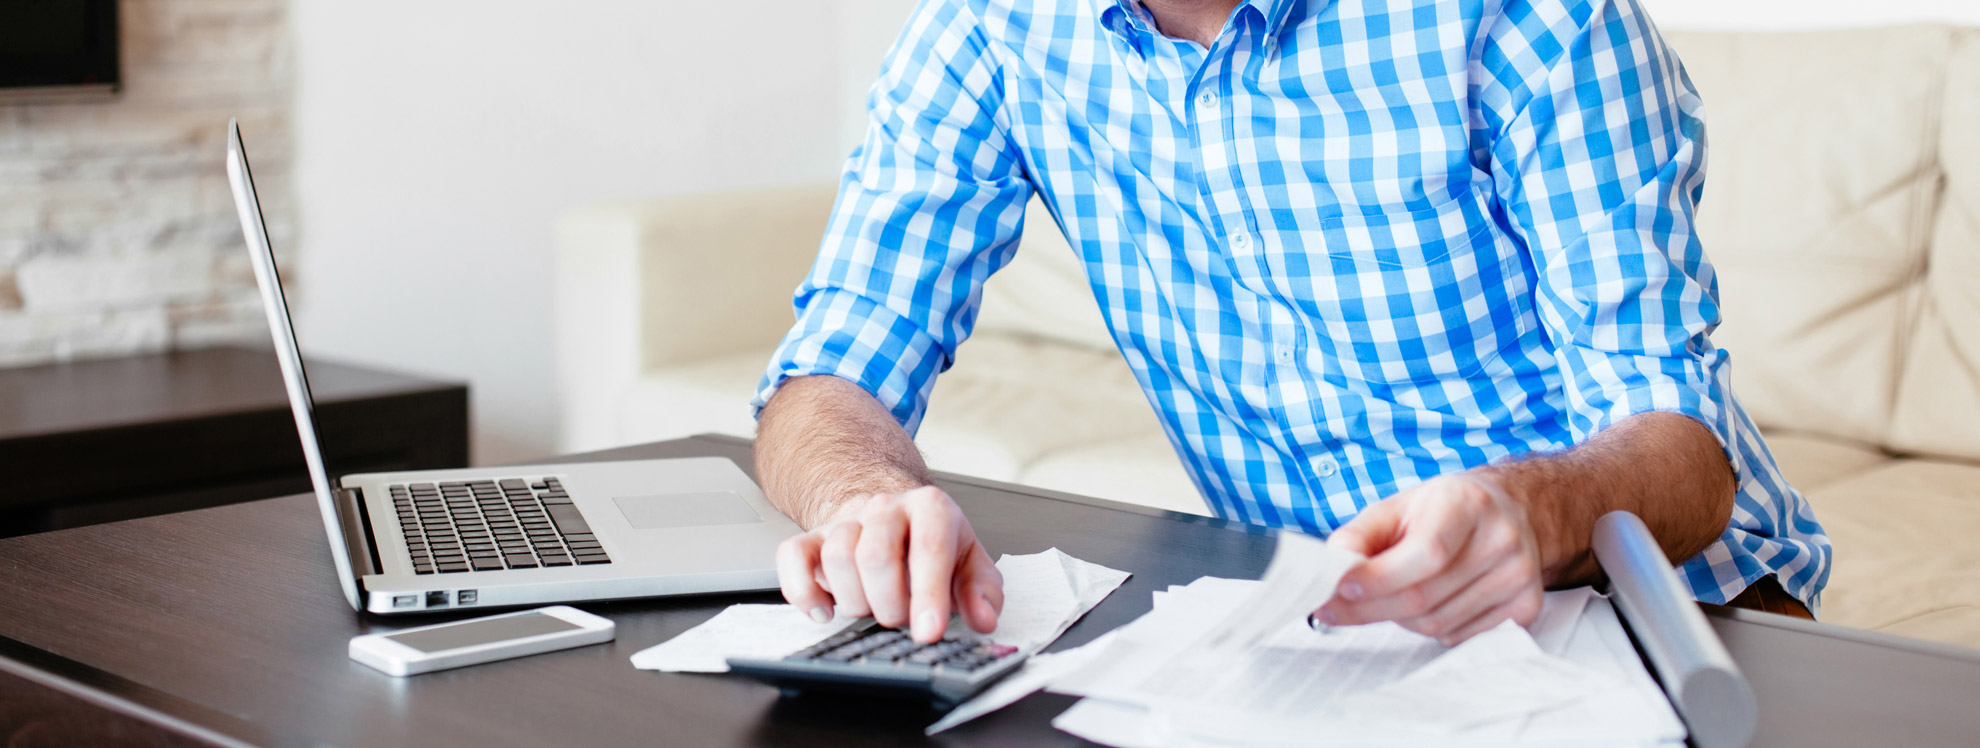 Банки работа онлайн форекс графики онлайн евро рубль онлайн в реальном времени